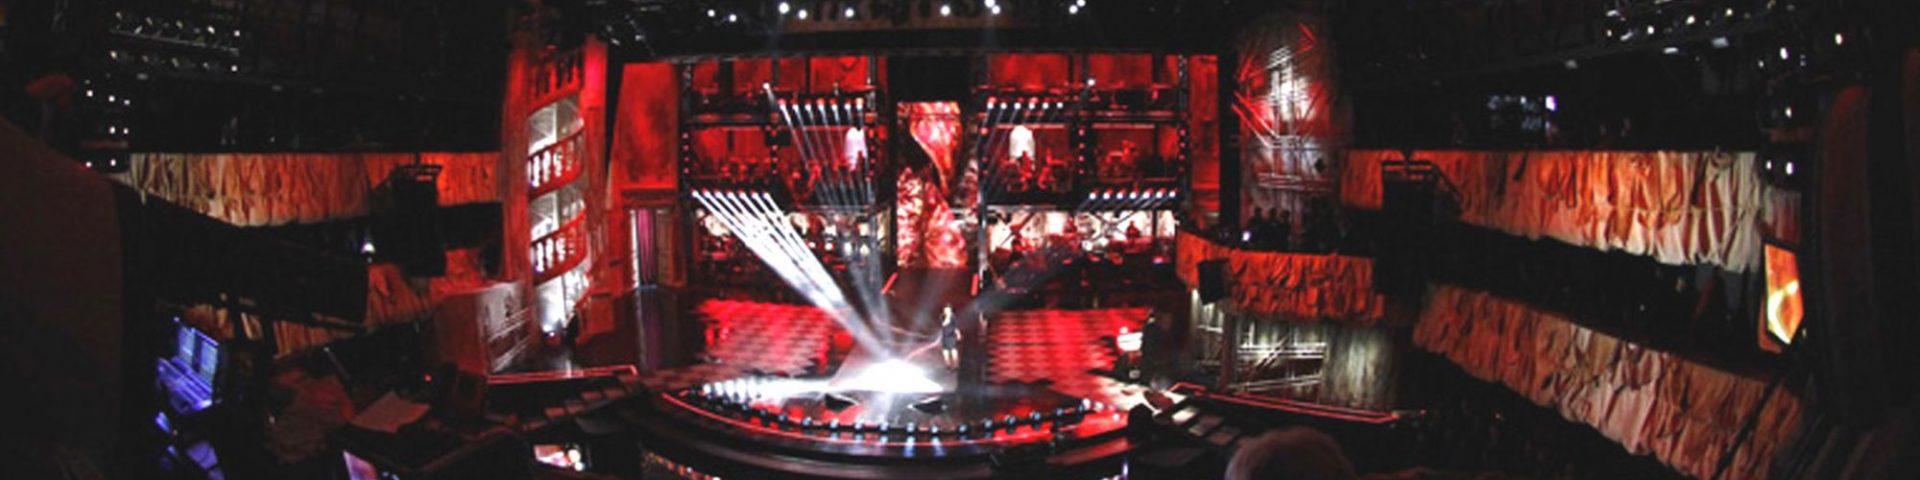 Aspettando Sanremo 2020: qual è la canzone più bella degli ultimi 20 anni?